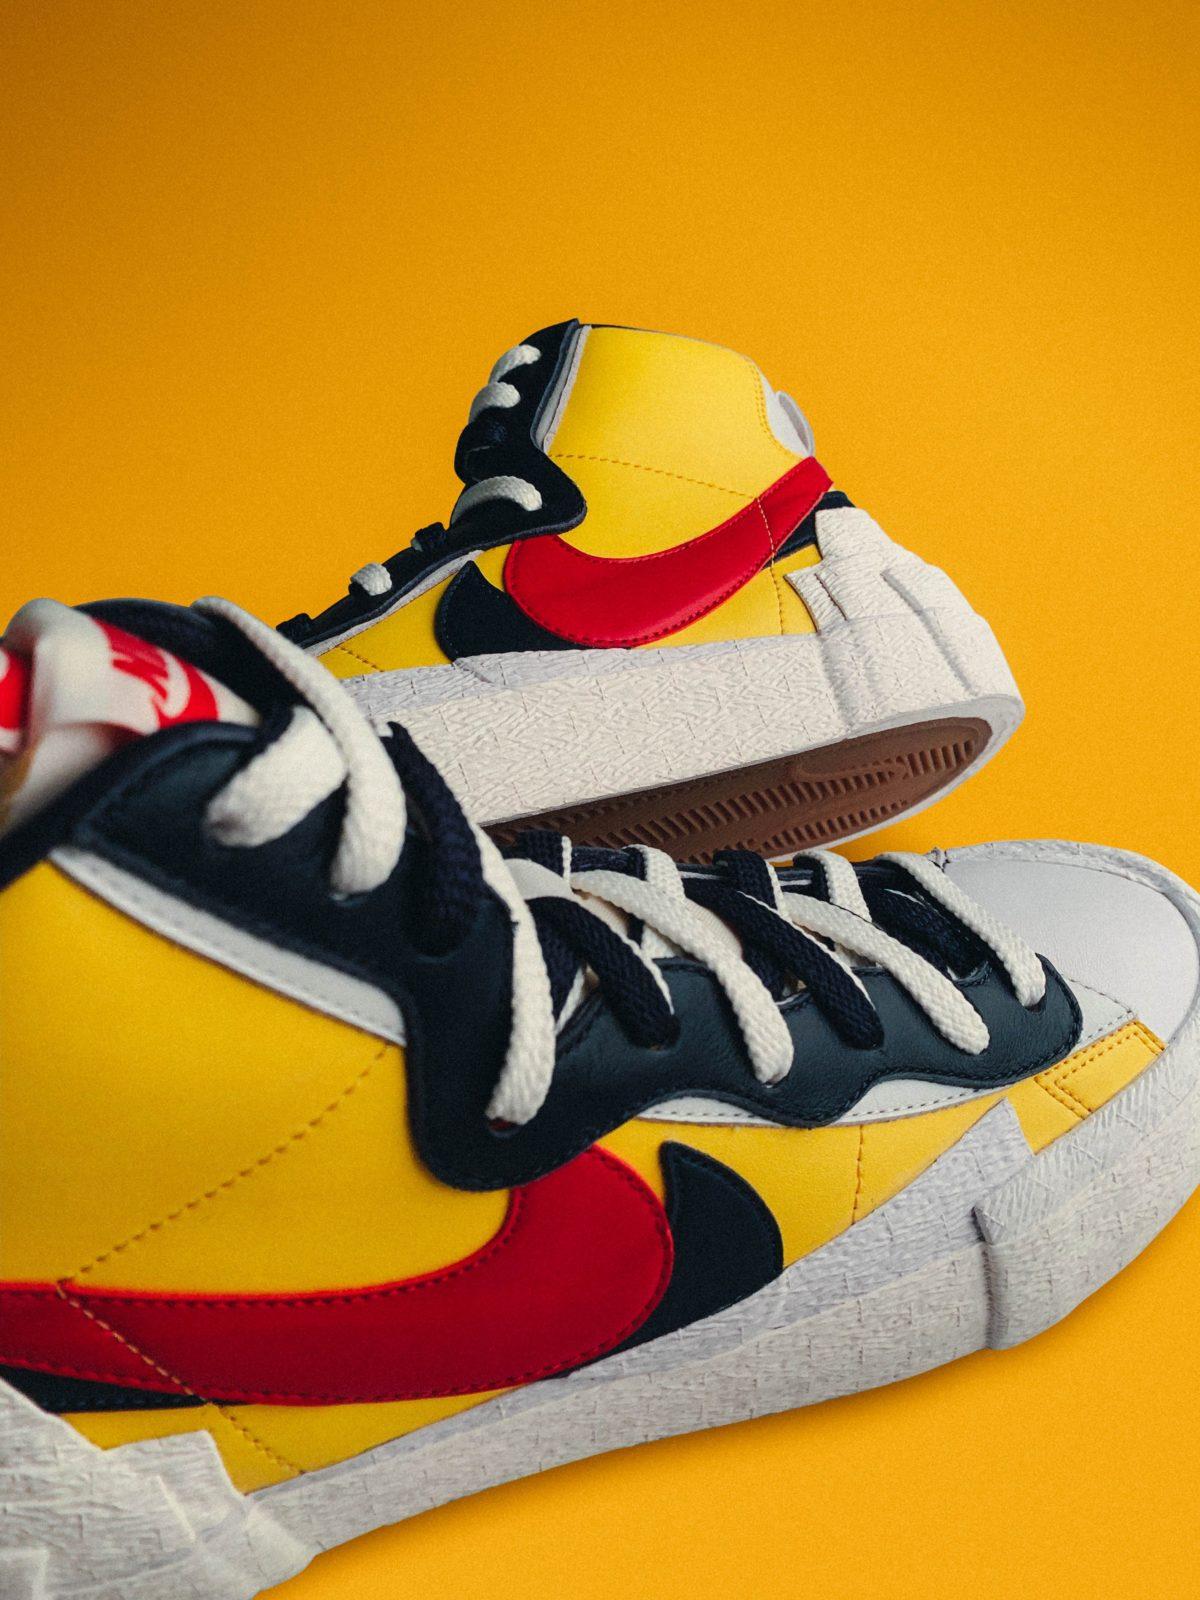 Sneakers colorées répondant à la tendance Athleisure.